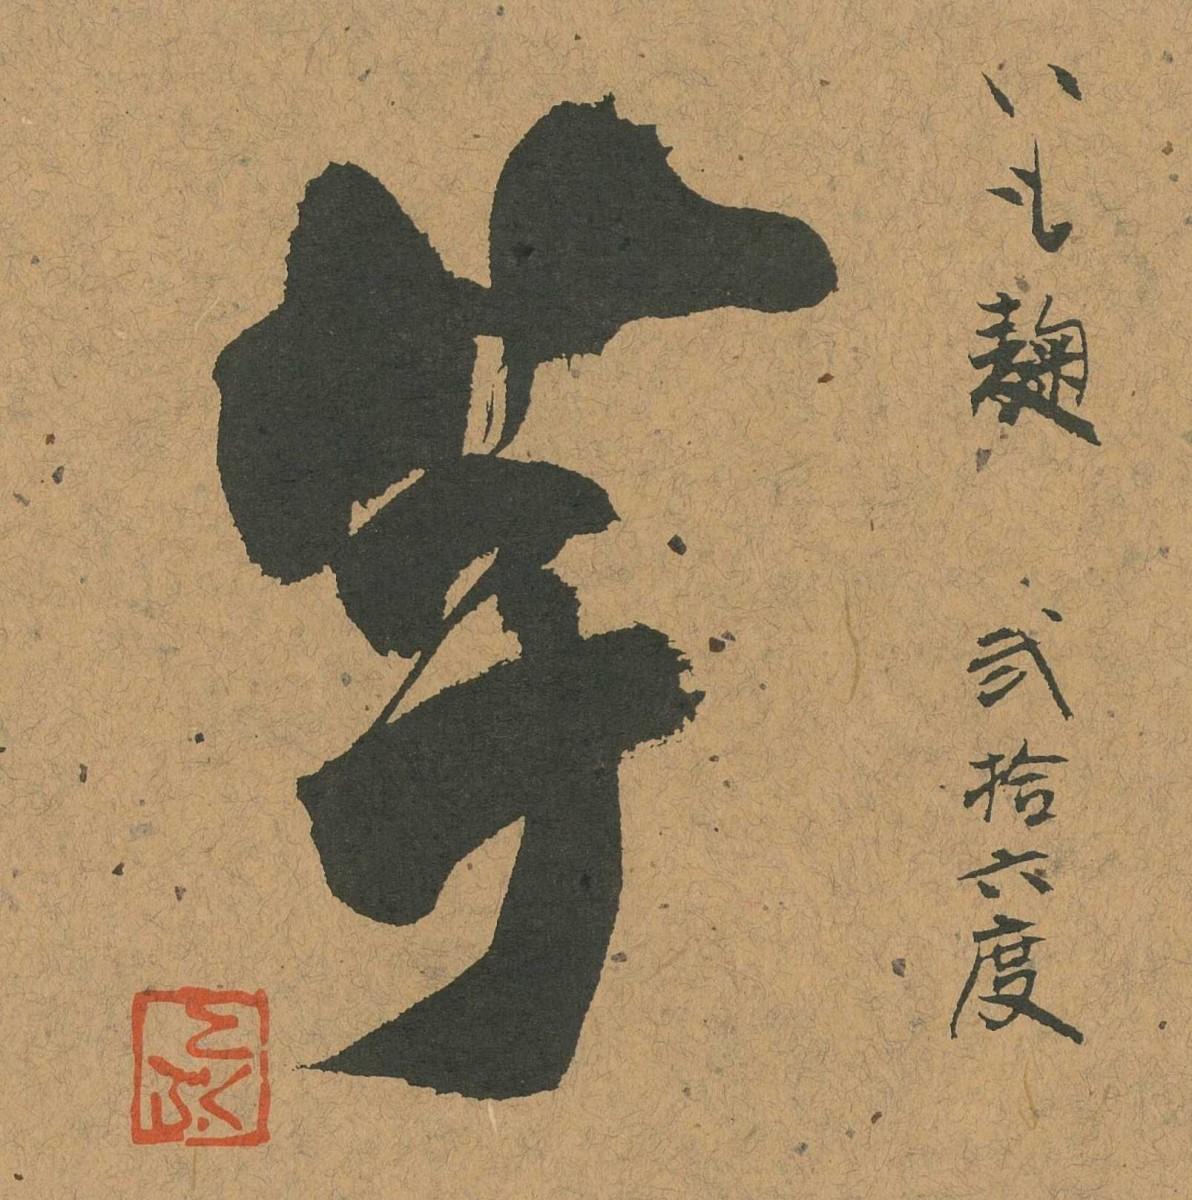 国分酒造 芋焼酎 いも麹「芋」26度 1800mlの商品画像 3